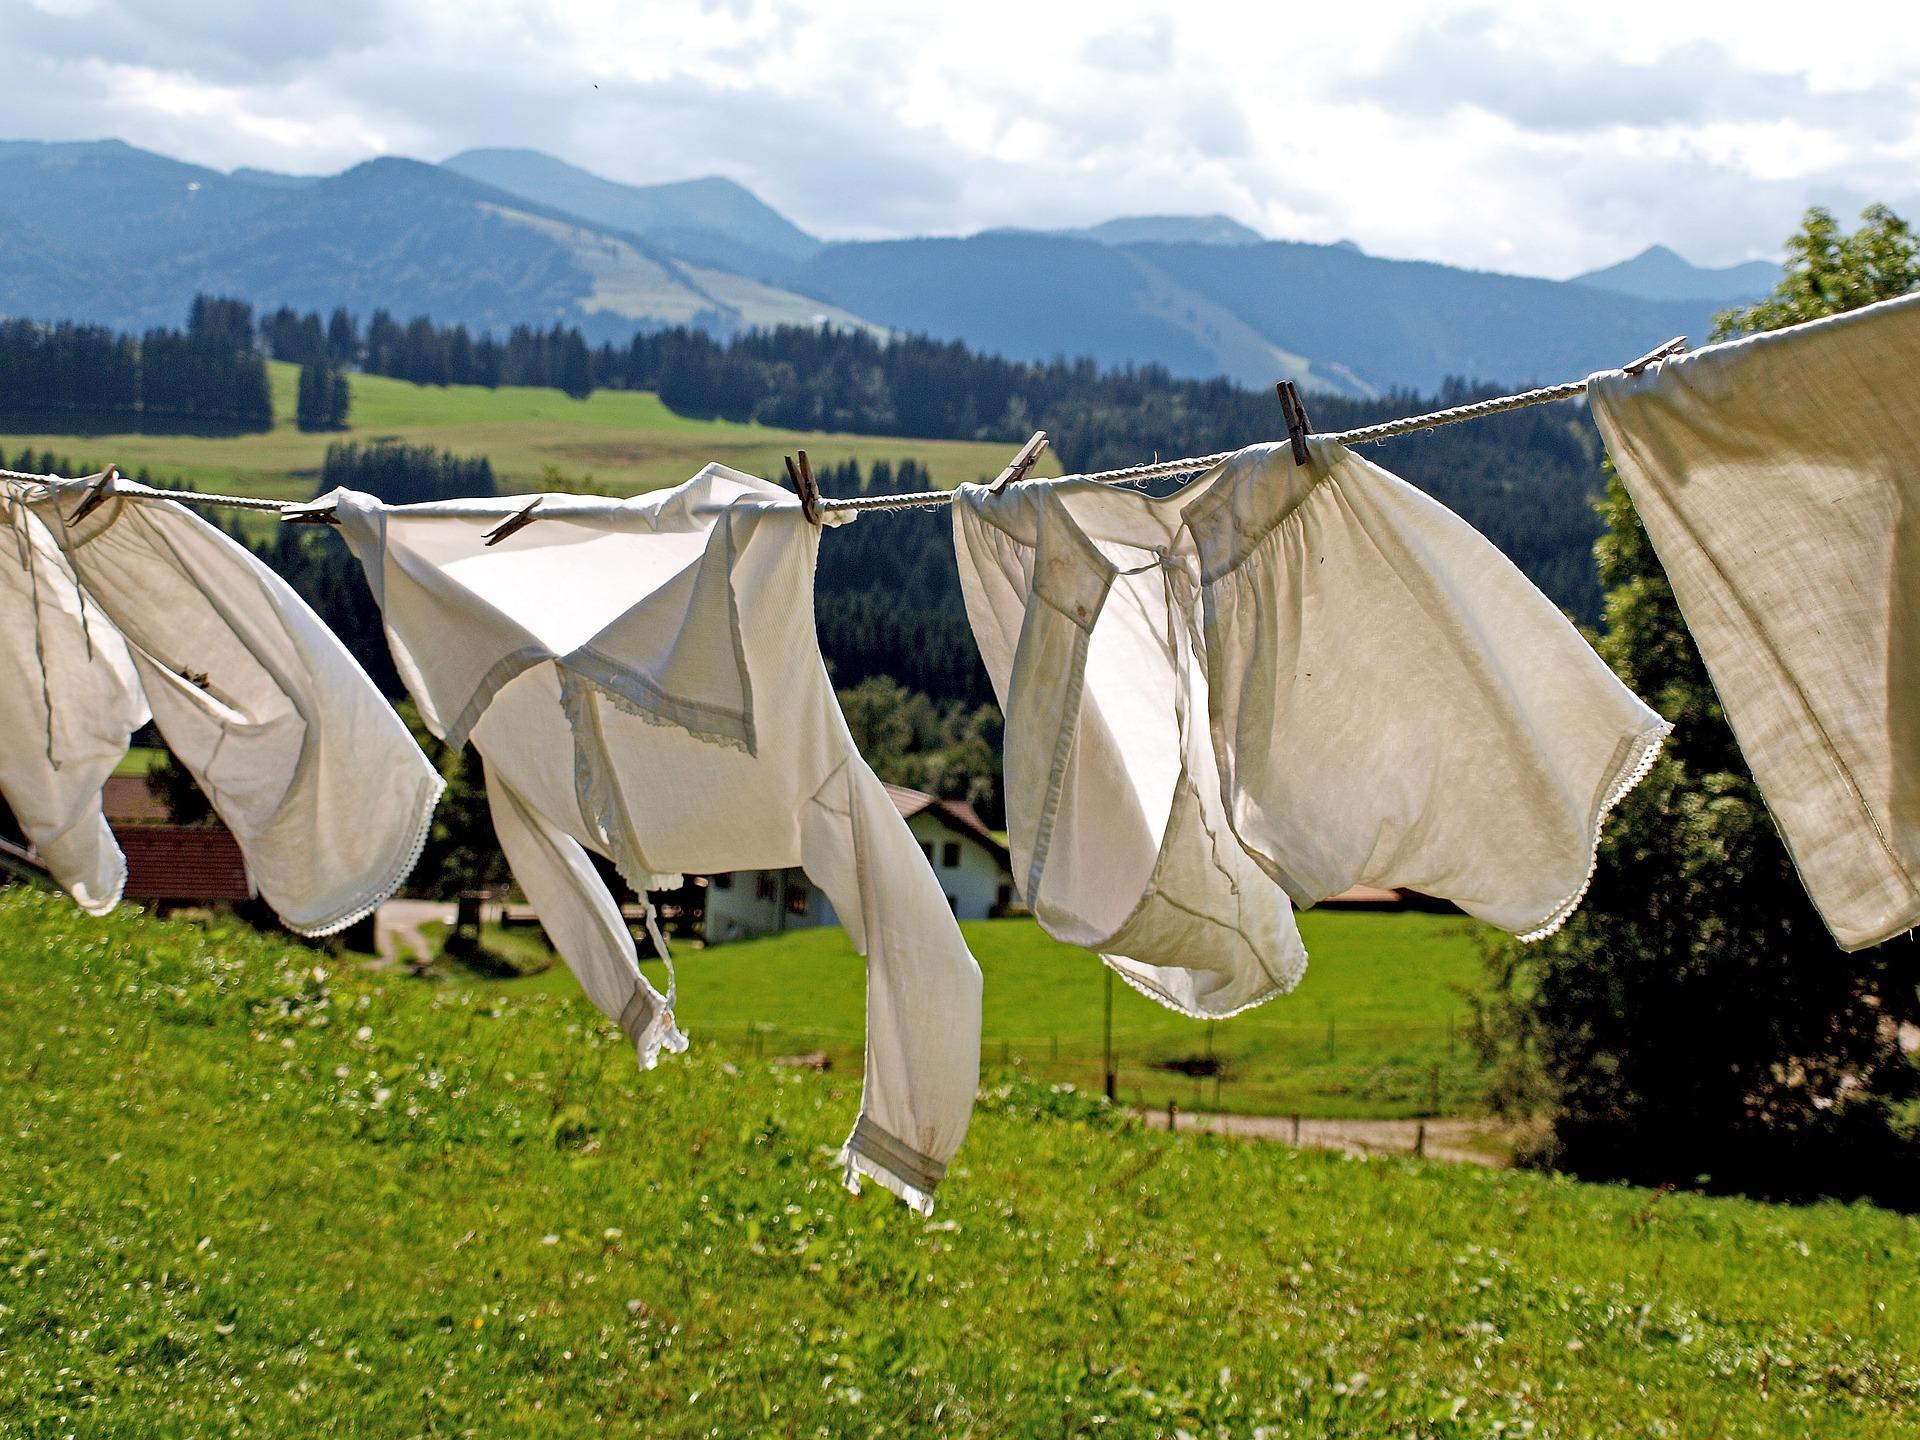 Vasketøj der tørrer i vinden